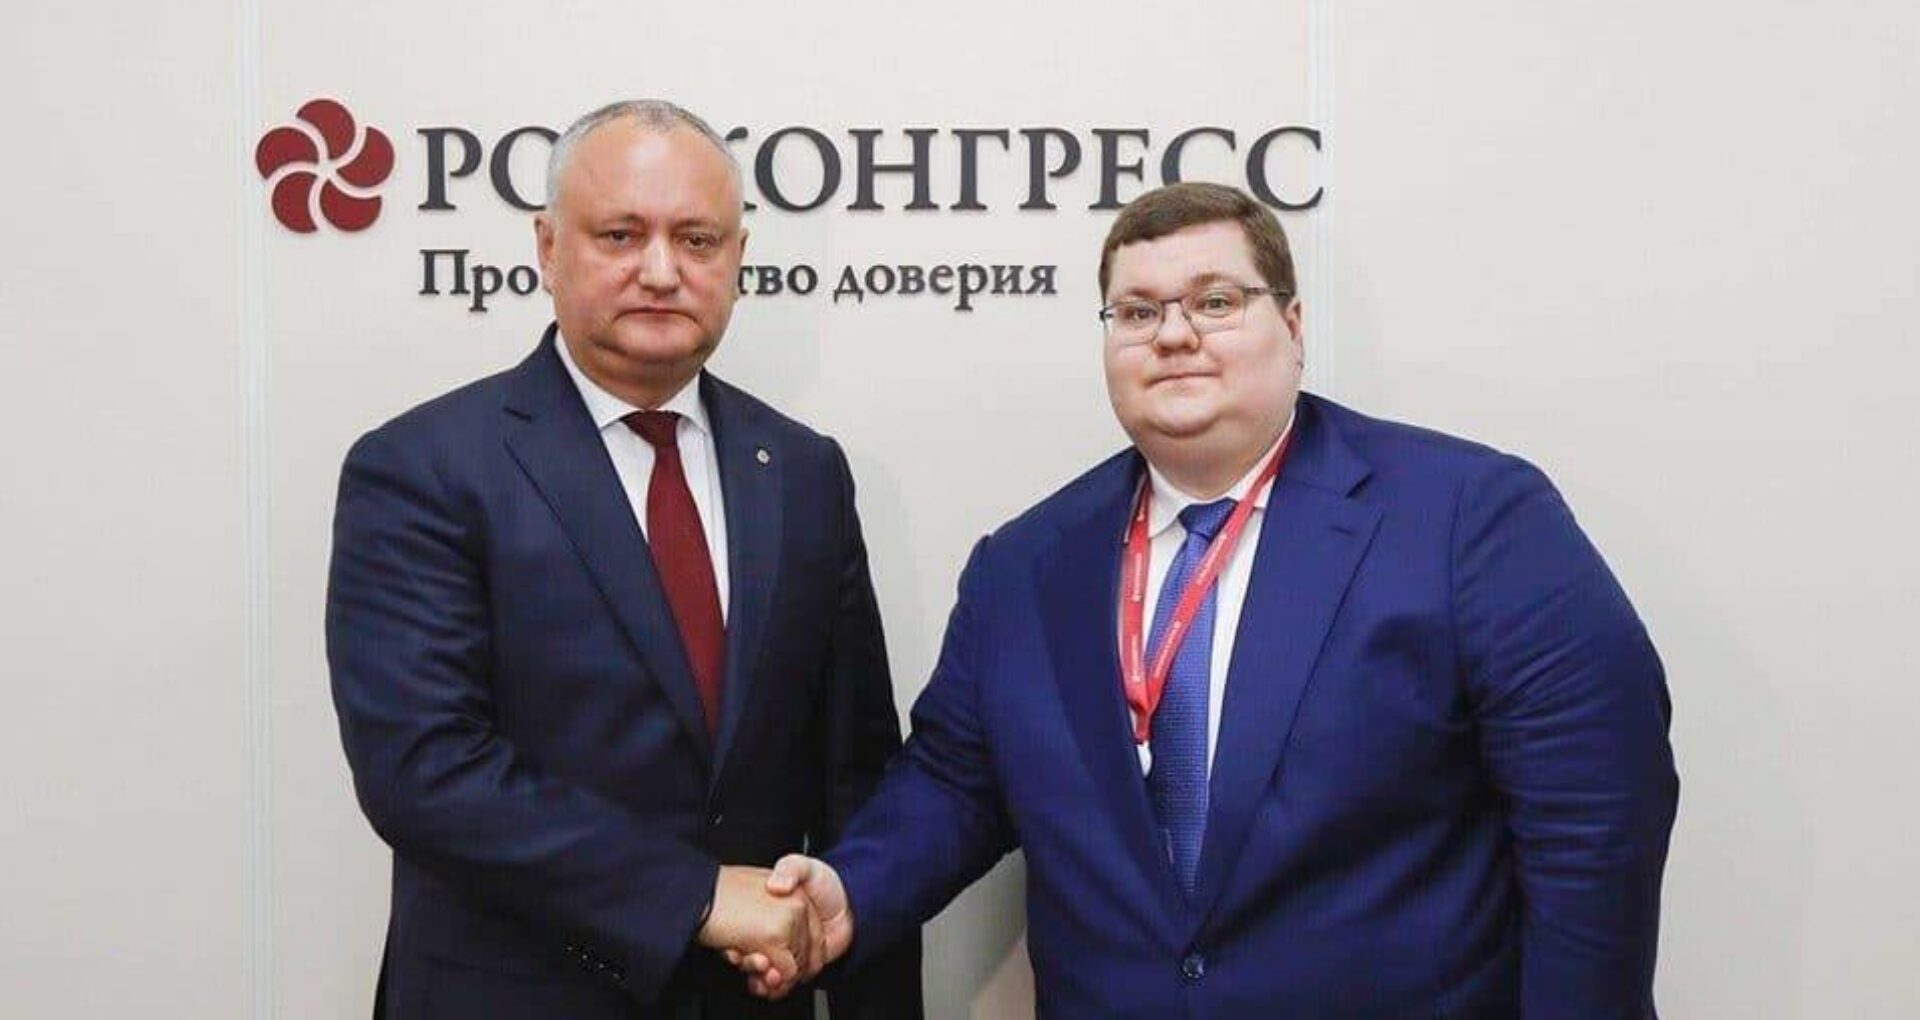 Confirmat oficial: Igor Ceaika este coproprietar al posturilor Primul în Moldova și Accent TV